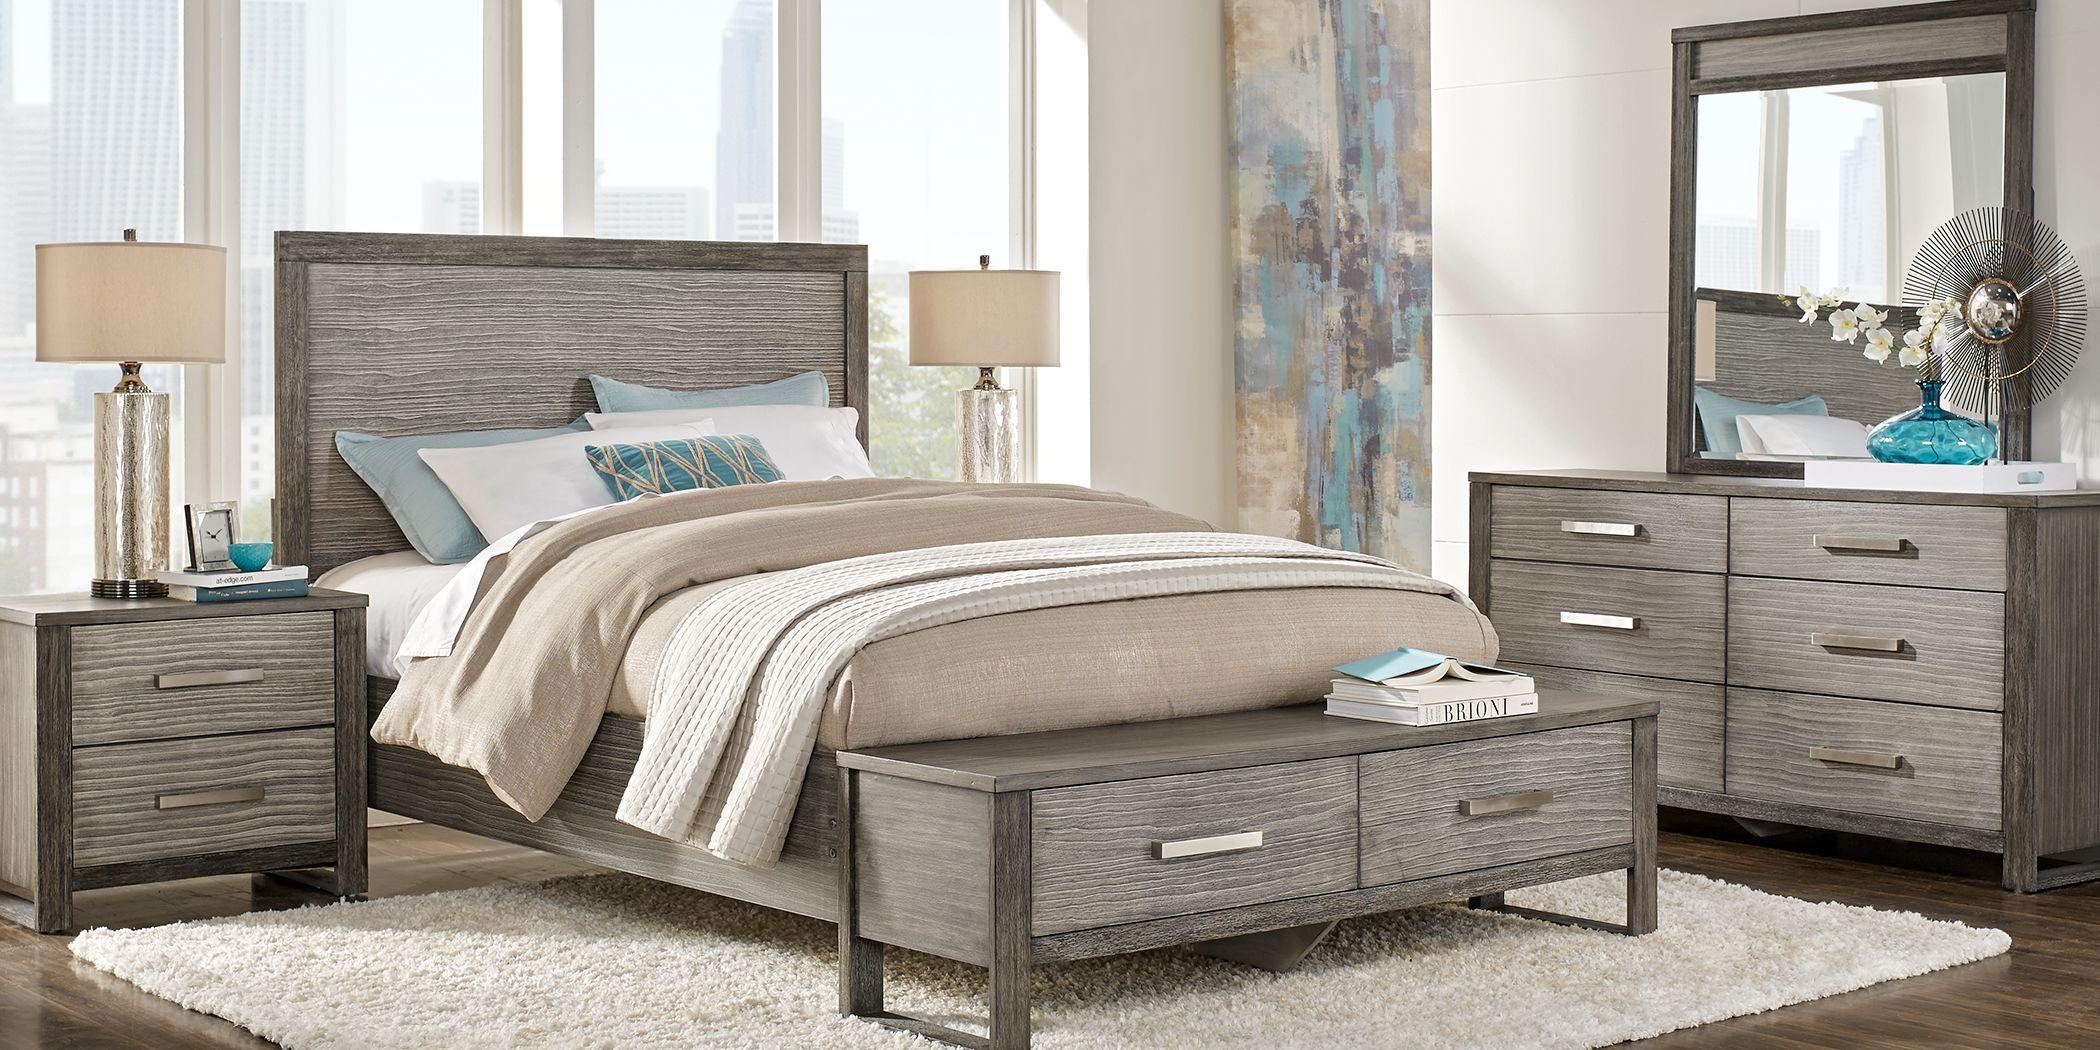 Abbott Gray 7 Pc Queen Panel Bedroom with Storage in 2020